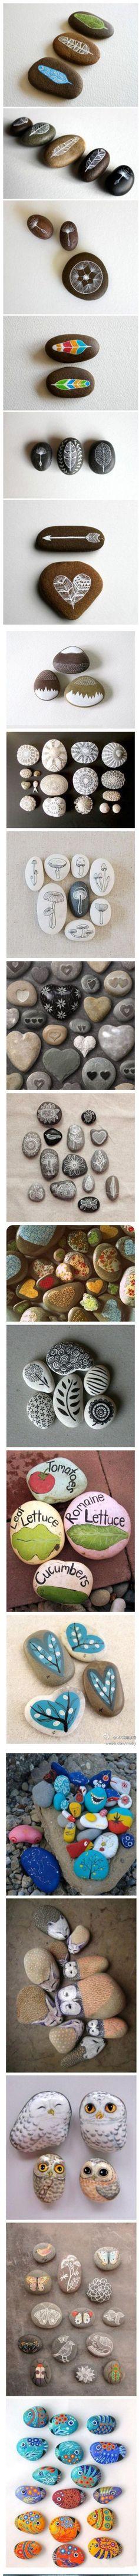 Mooie dingen met stenen/kiezels....